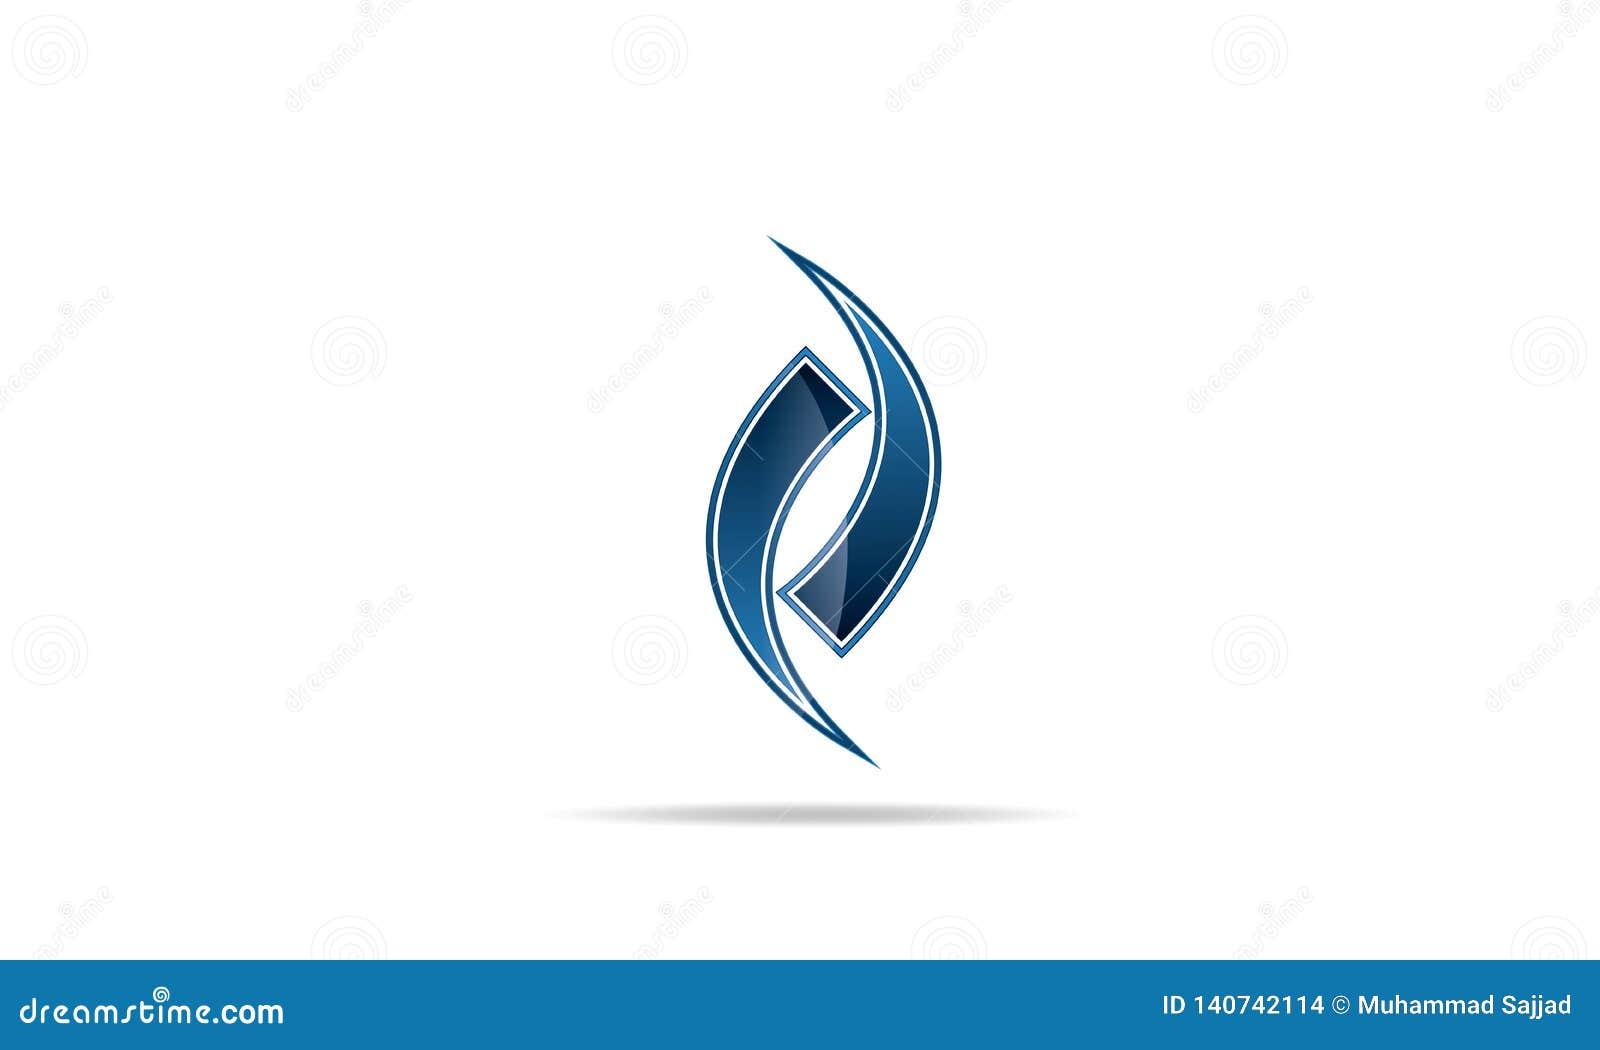 Abstrakter Logo Icons Design Vector - Creative Company Logo Template